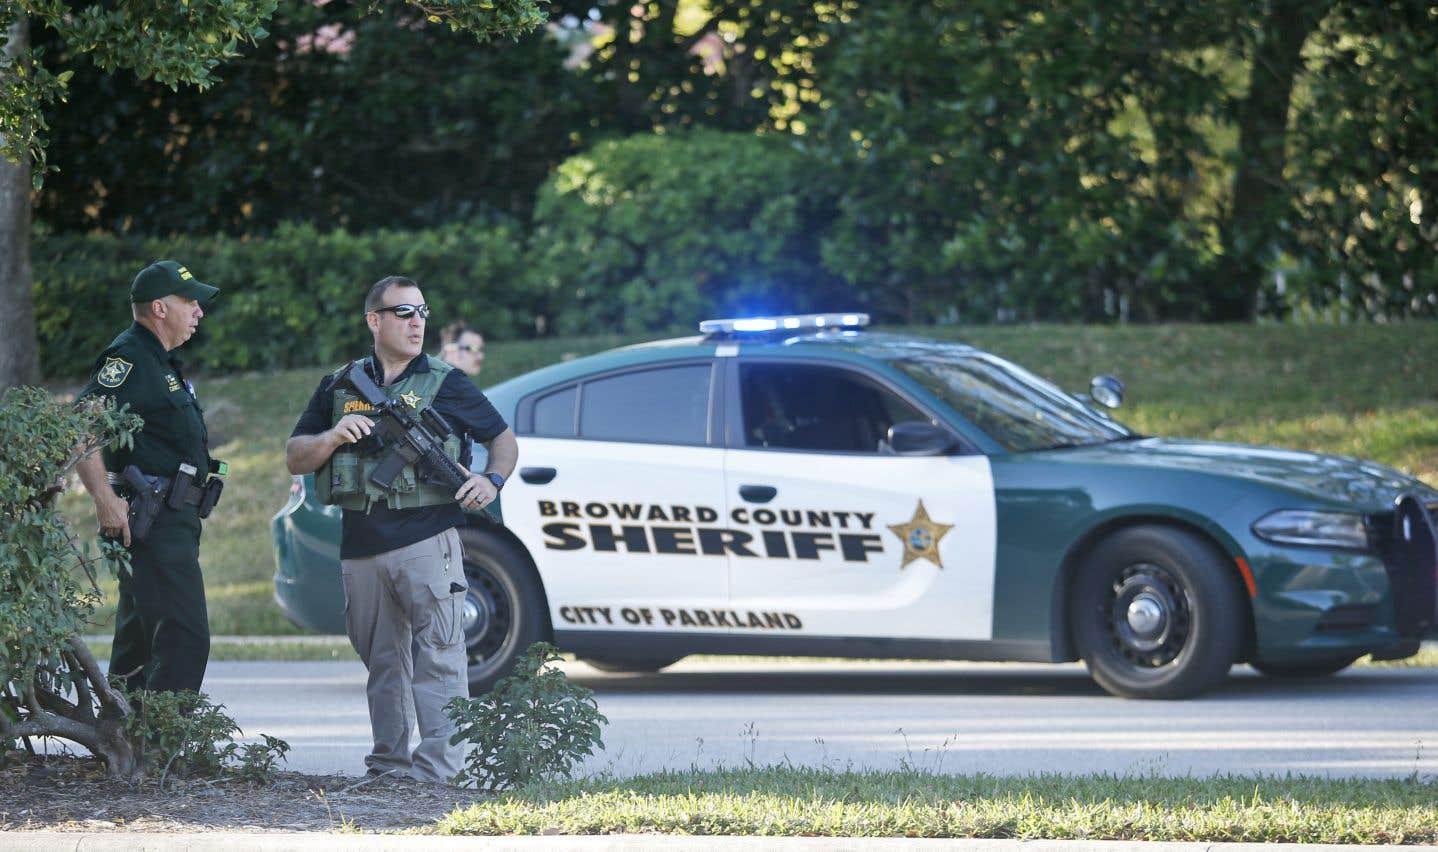 Une longue cohorte de voitures de police et plusieurs véhicules blindés d'un groupe d'intervention étaient stationnés près de l'école, à Parkland.